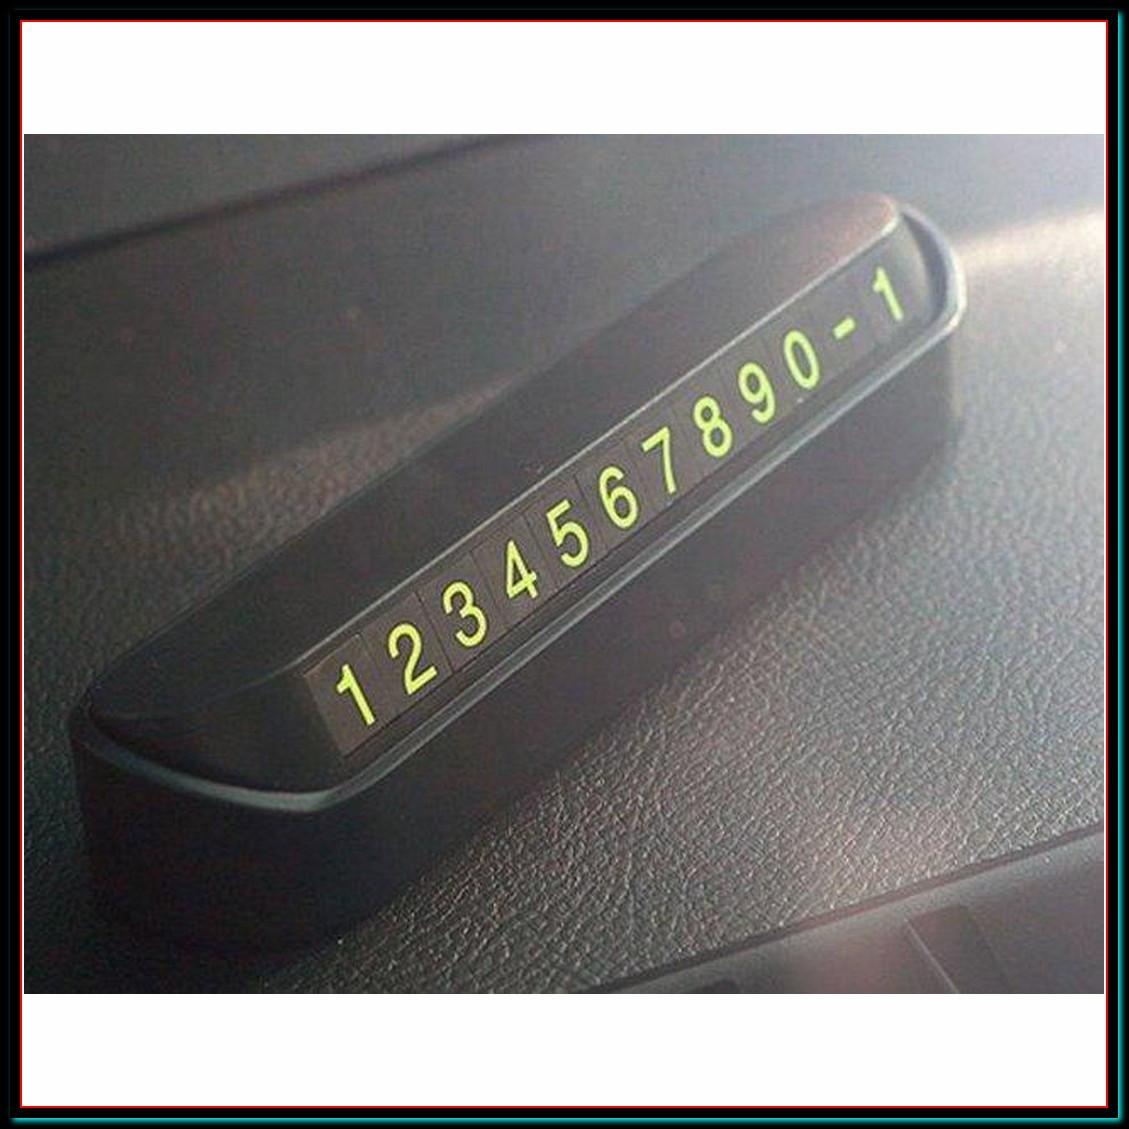 Табличка с номером телефона под лобовое стекло автомобиля